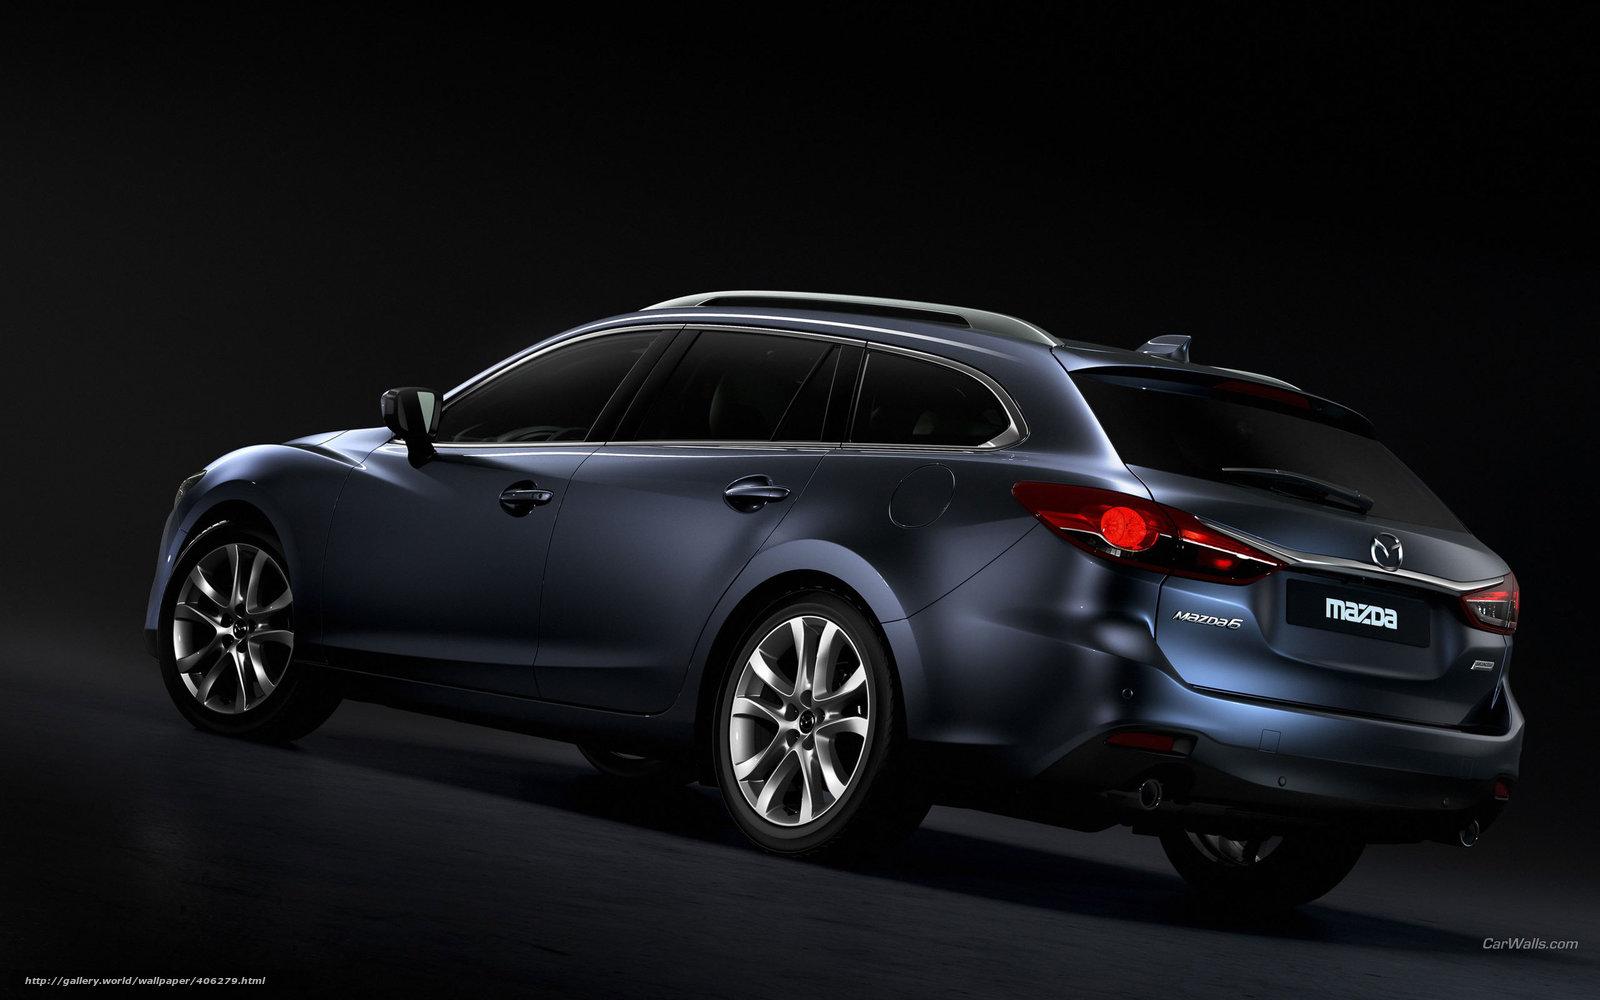 下载壁纸 Mazda,  MAZDA6,  汽车,  机械 免费为您的桌面分辨率的壁纸 2560x1600 — 图片 №406279